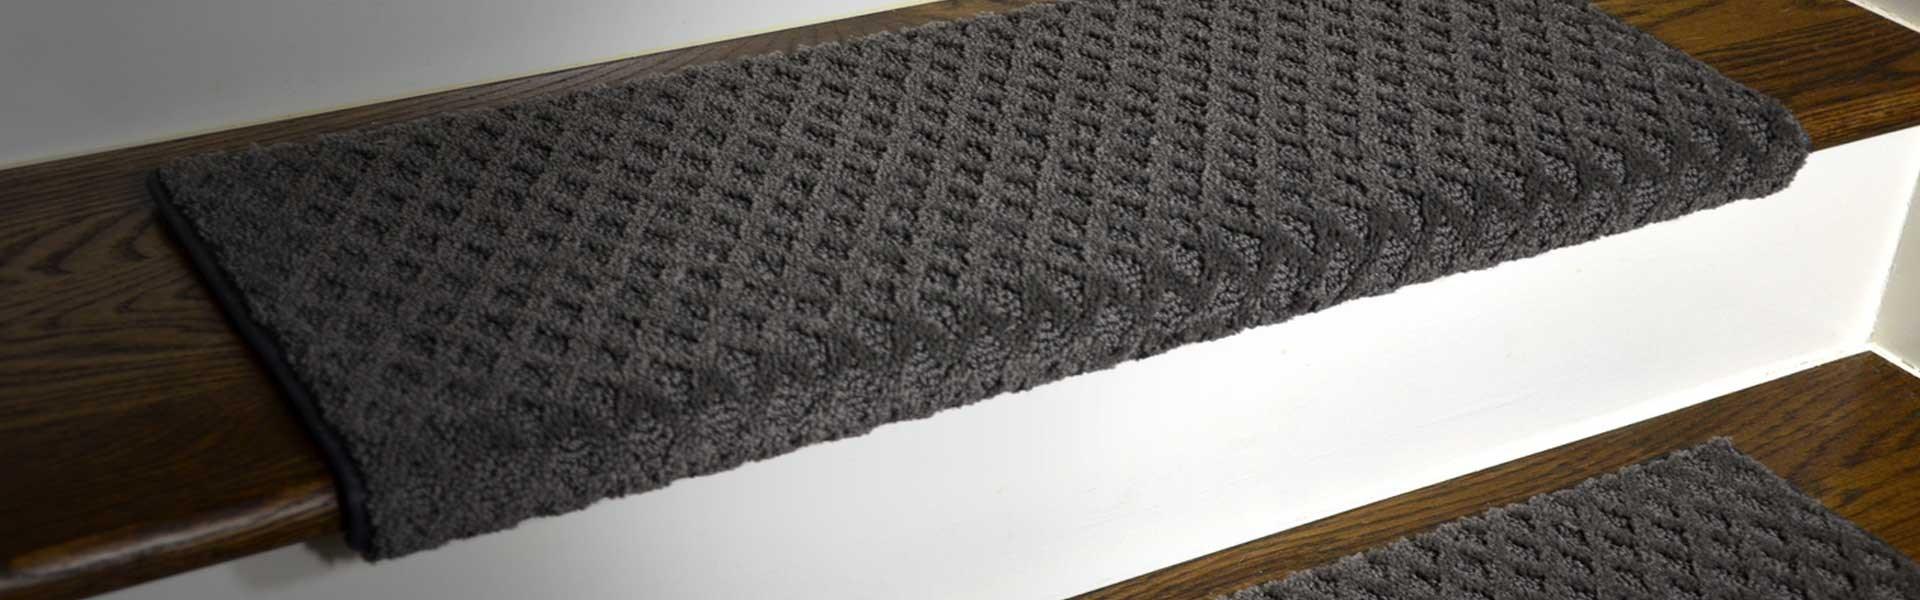 Carpet Stair Treads Runner Rugs – Dean Flooring Company | Running Carpet For Stairs | Stair Tread | Hardwood | Wood | Grey | Stair Runners